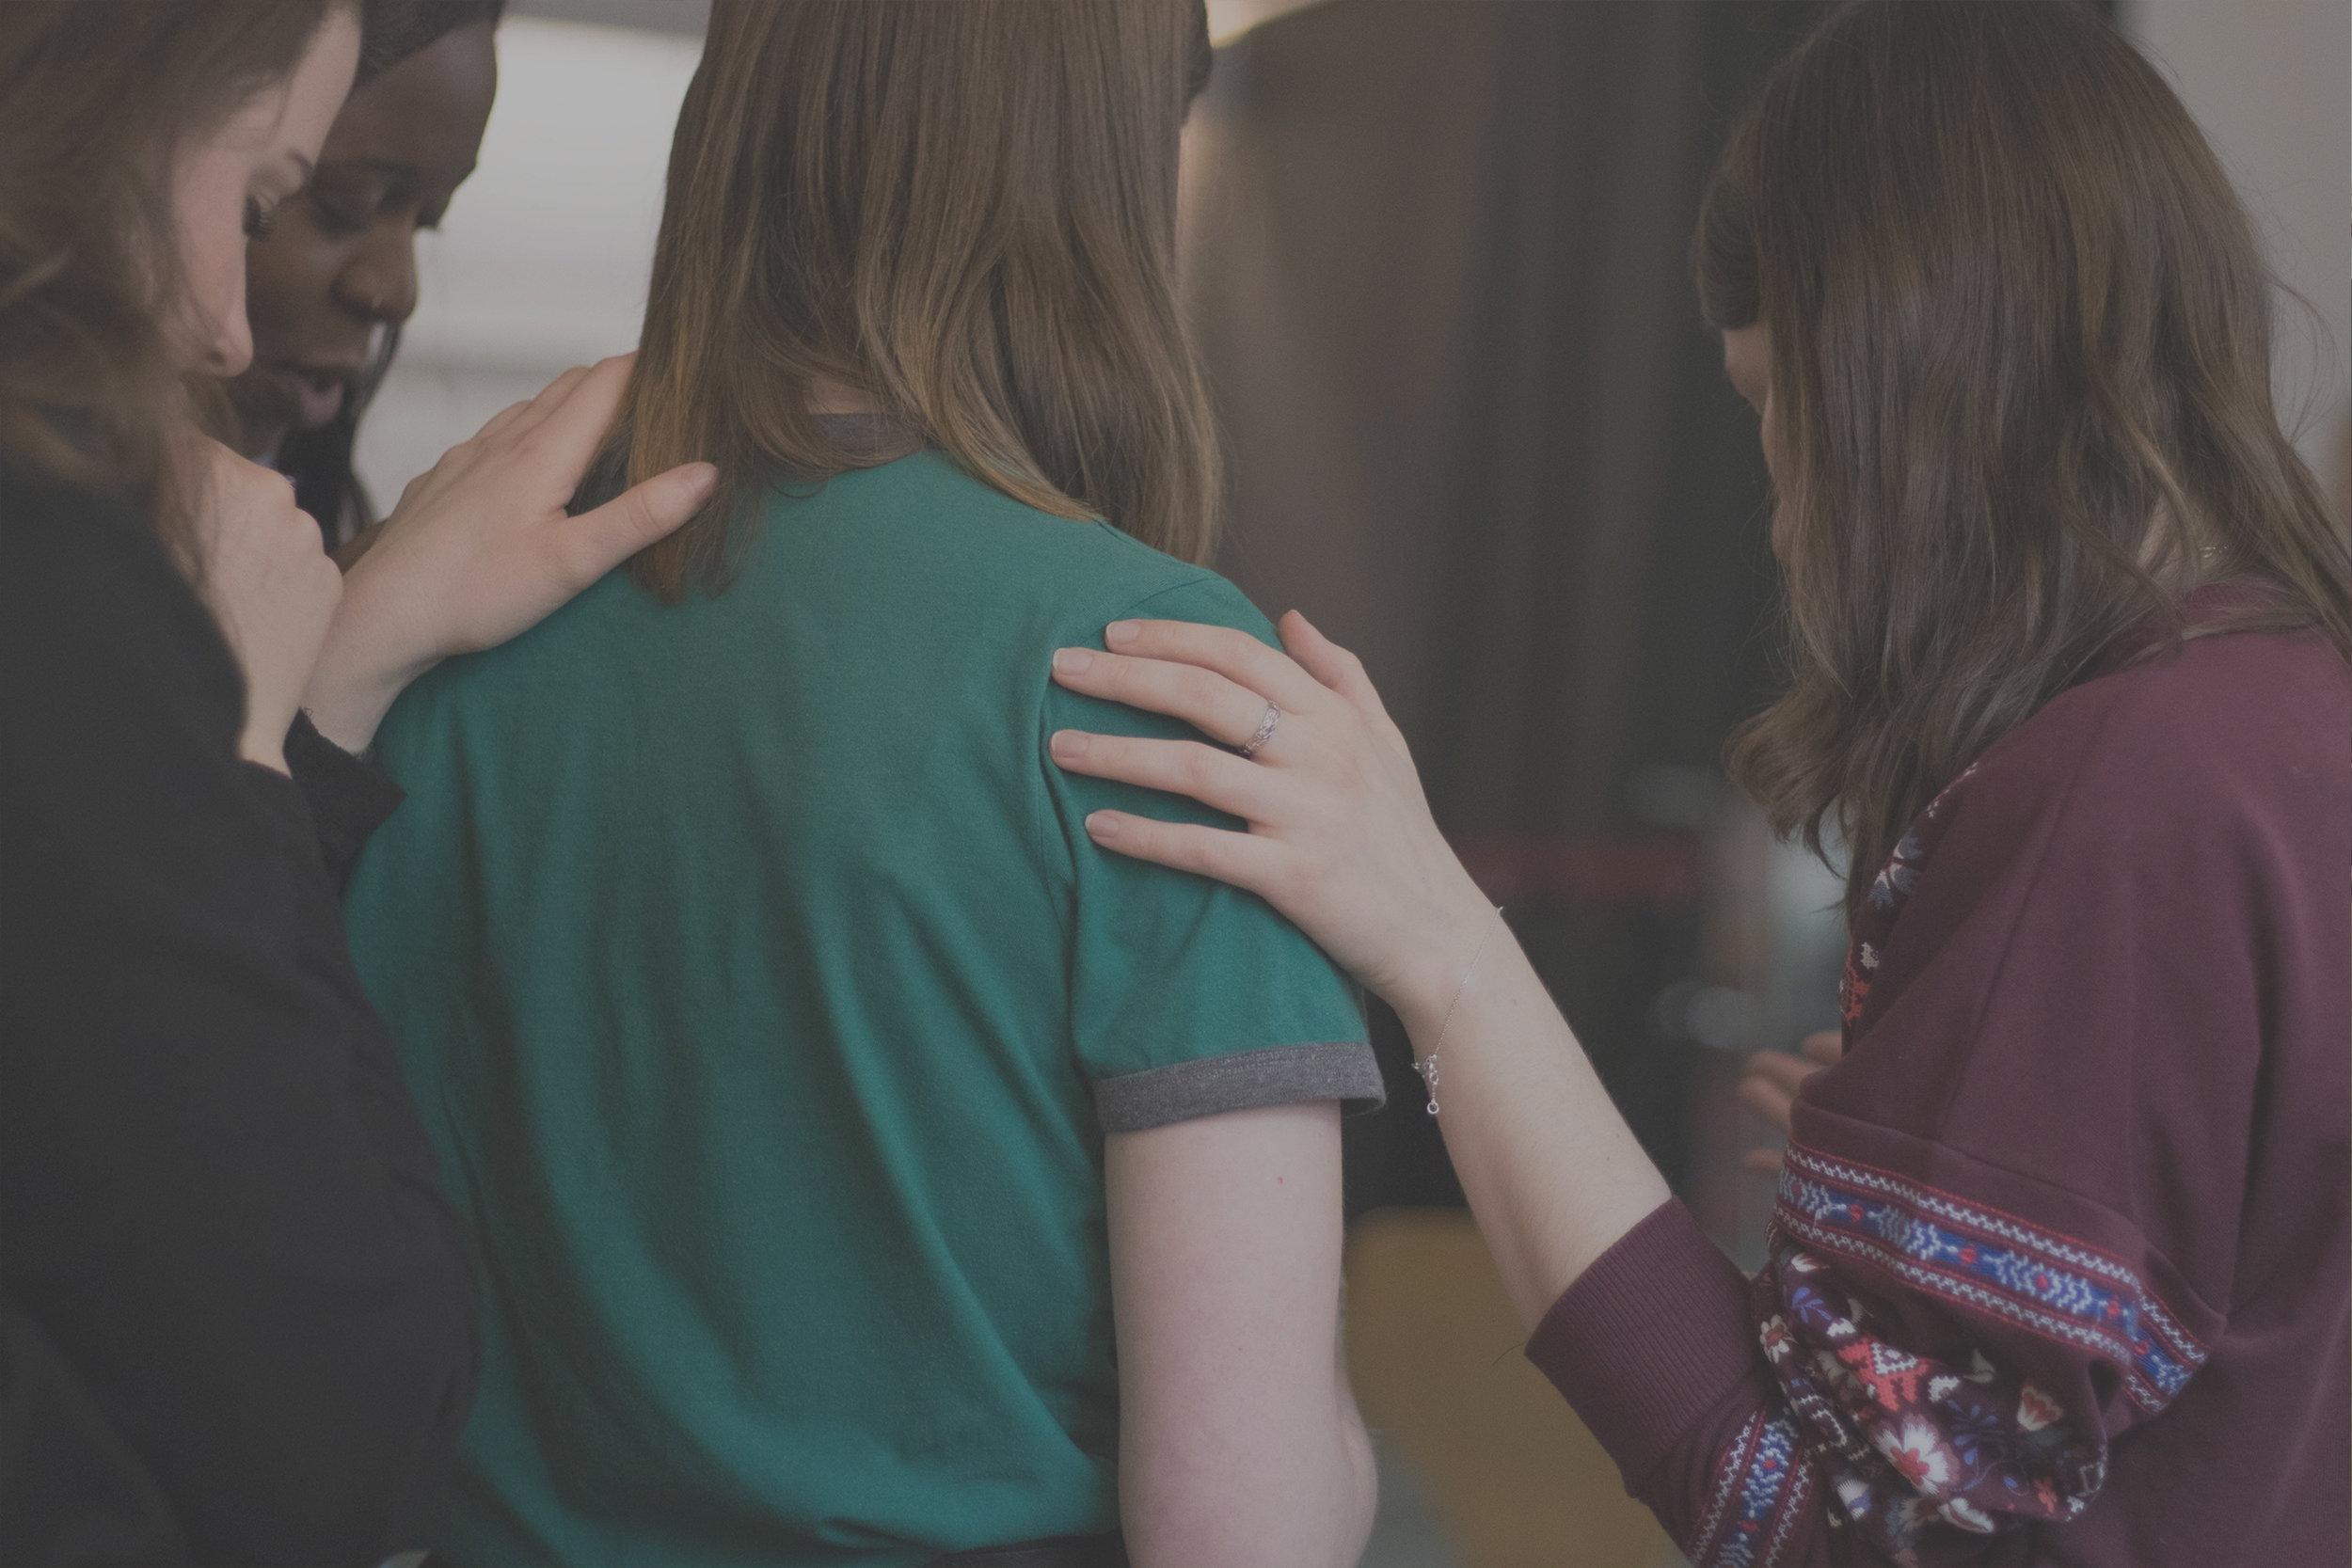 Compassion - Benevolence | Care